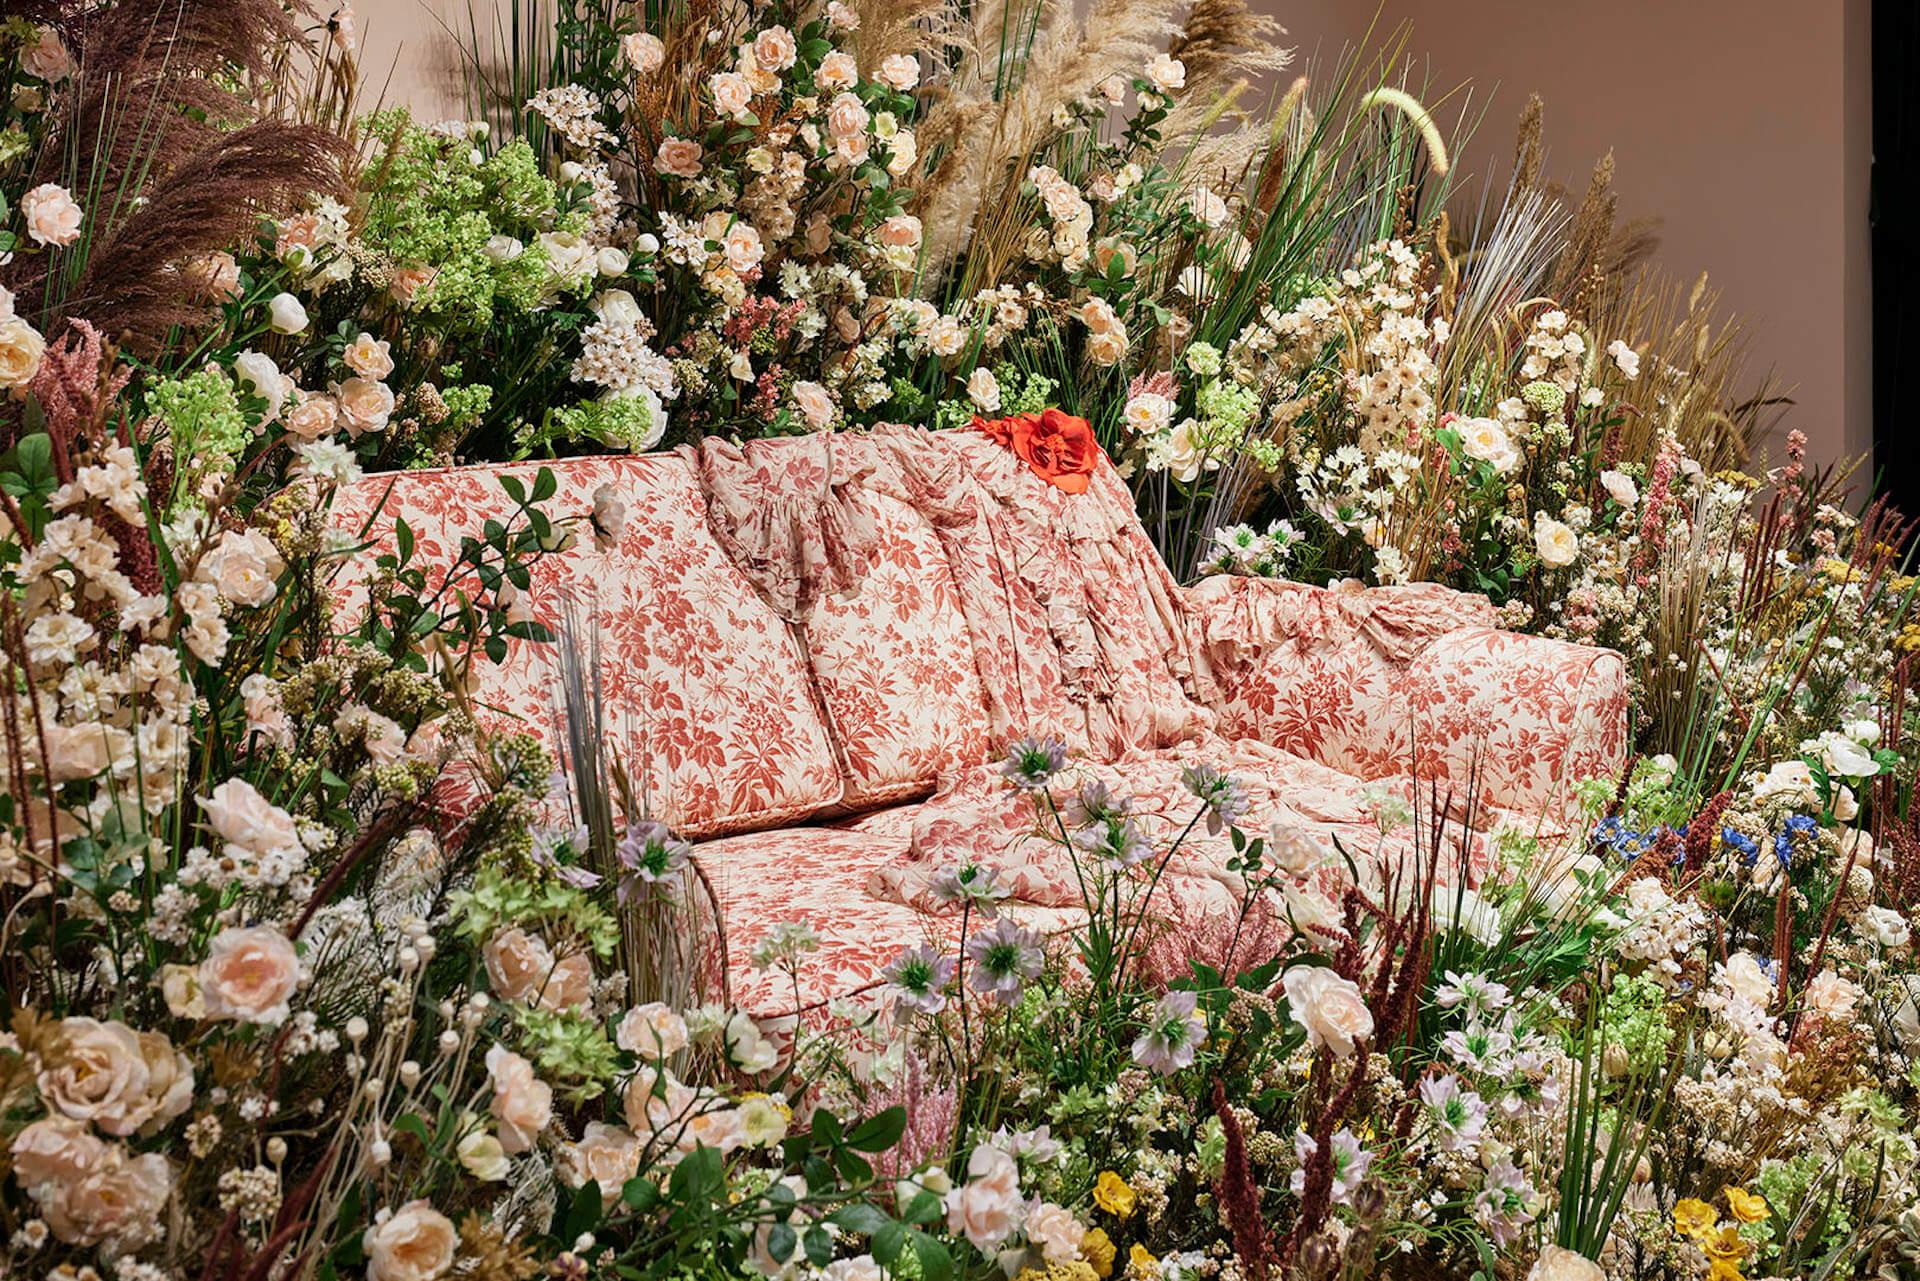 グッチがブランド創設100周年記念の没入型エキシビション<Gucci Garden Archetypes>を開催! life210928_gucci_exvision_010